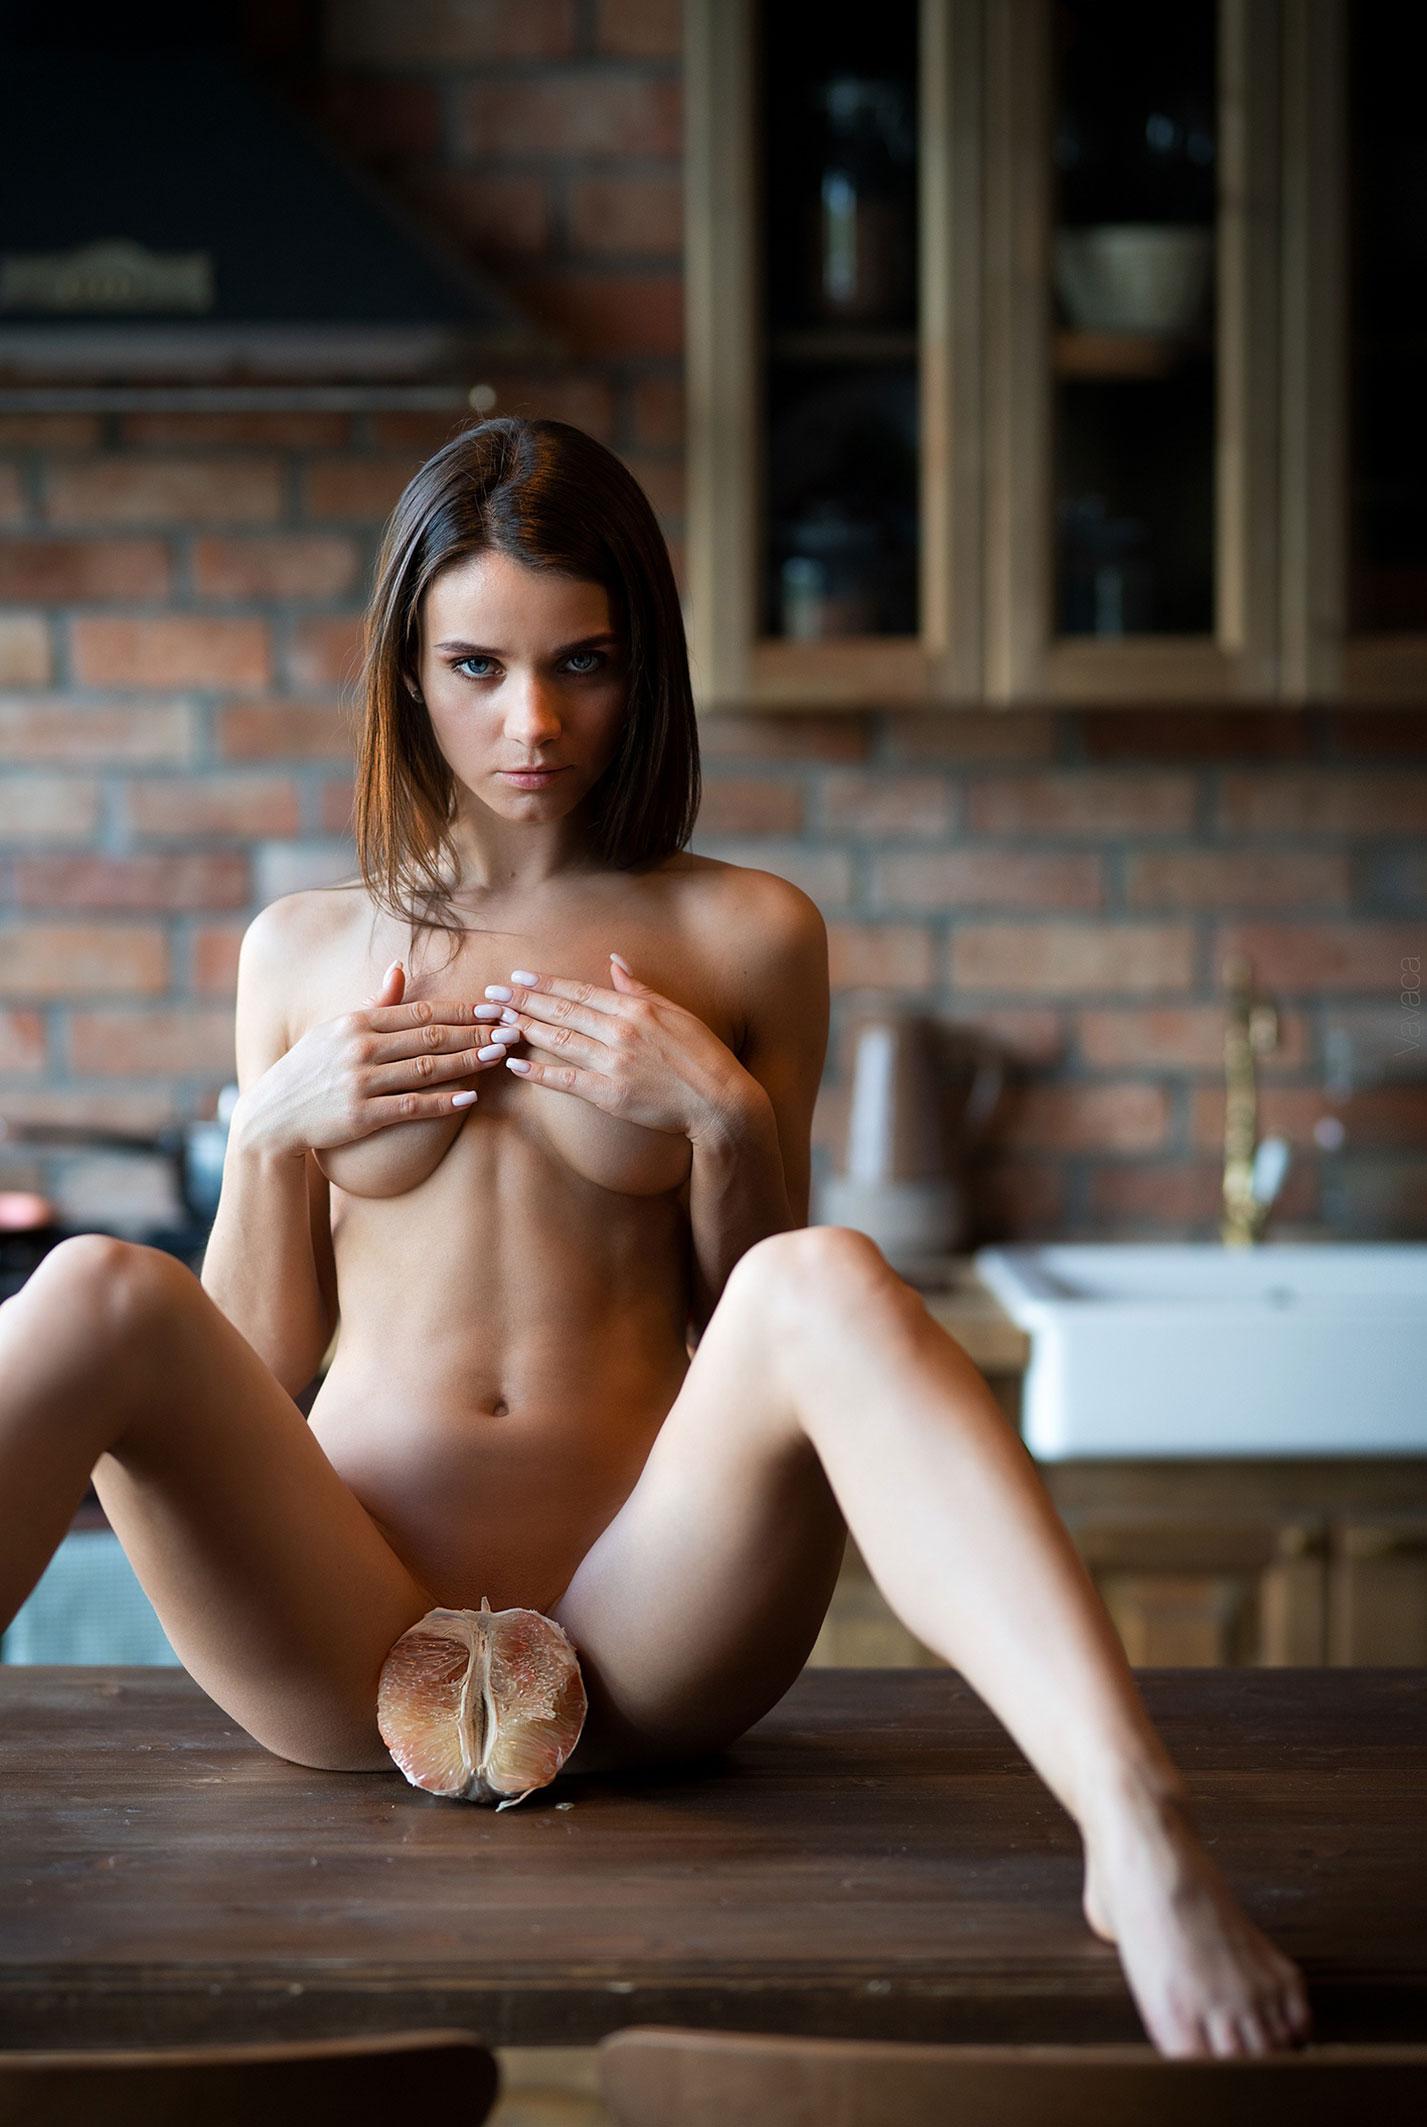 Кухня мечты - голая Кристина Макарова готовит из муки и фруктов / фото 03